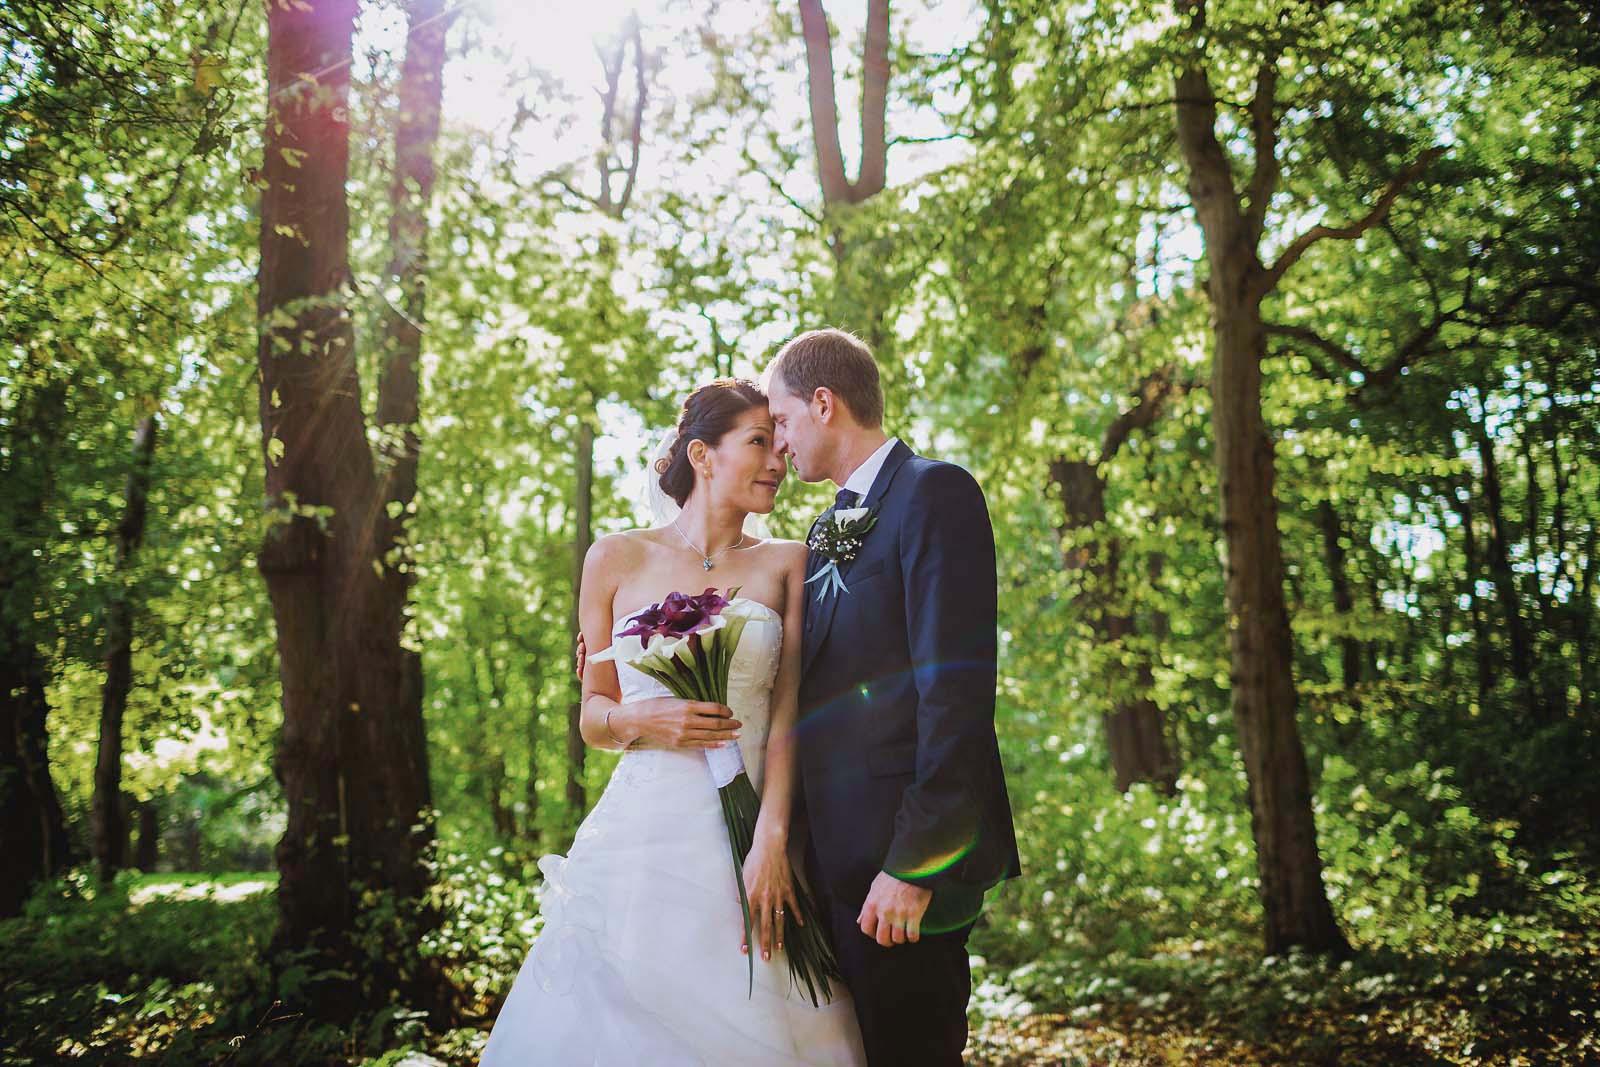 Hochzeitsfotograf in Braunschweig Copyright by Hochzeitsfotograf www.berliner-hochzeitsfotografie.de